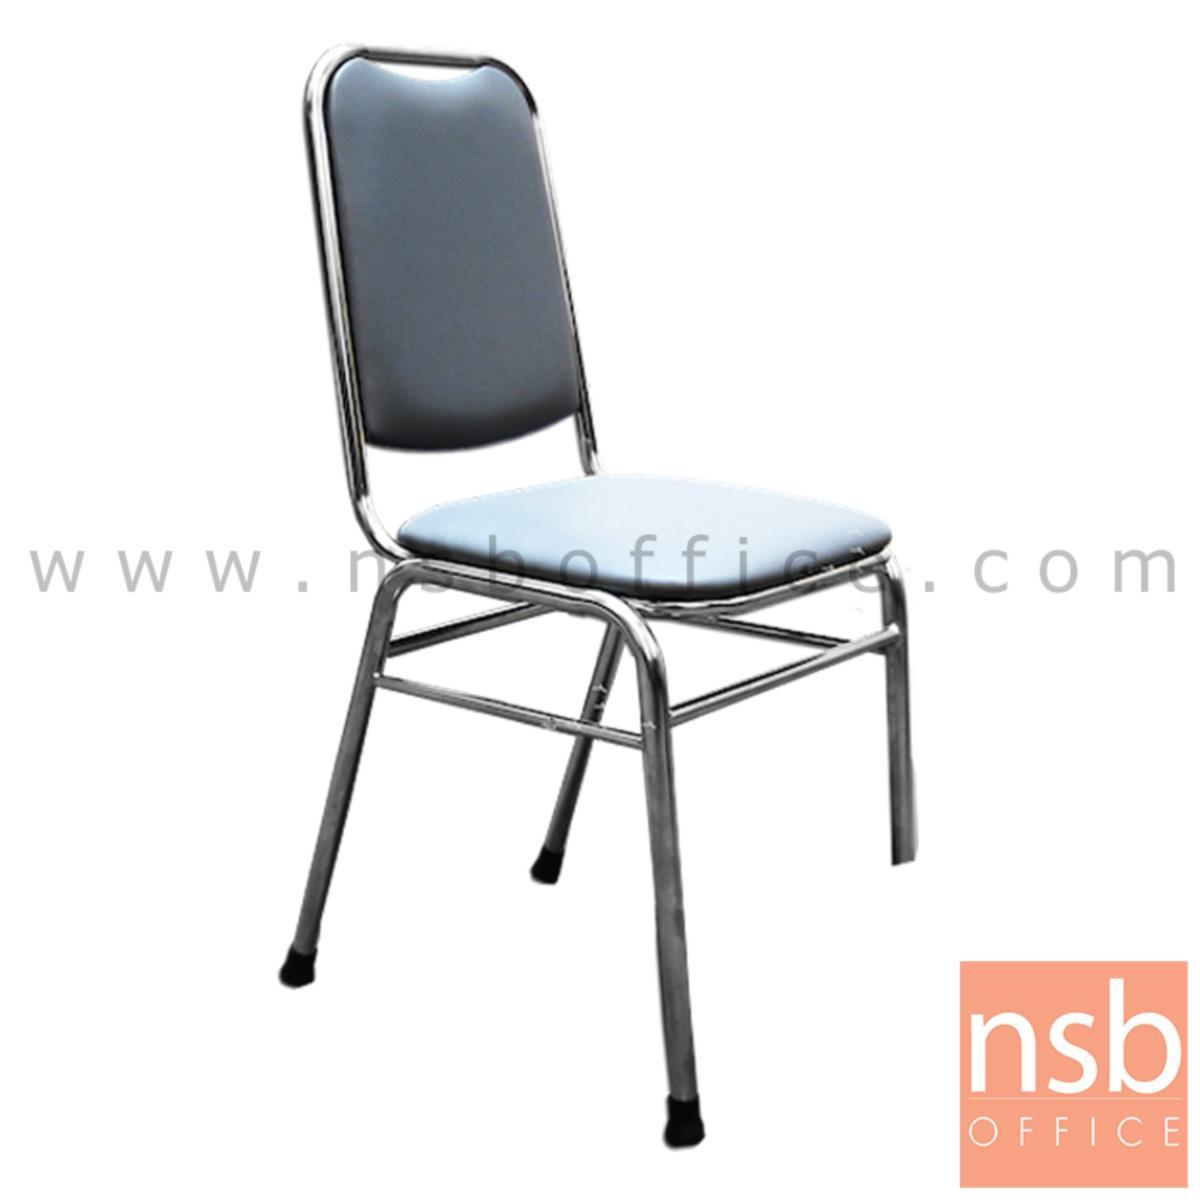 G12A220:เก้าอี้อเนกประสงค์จัดเลี้ยง รุ่น KJ-371  ขาสเตนเลส